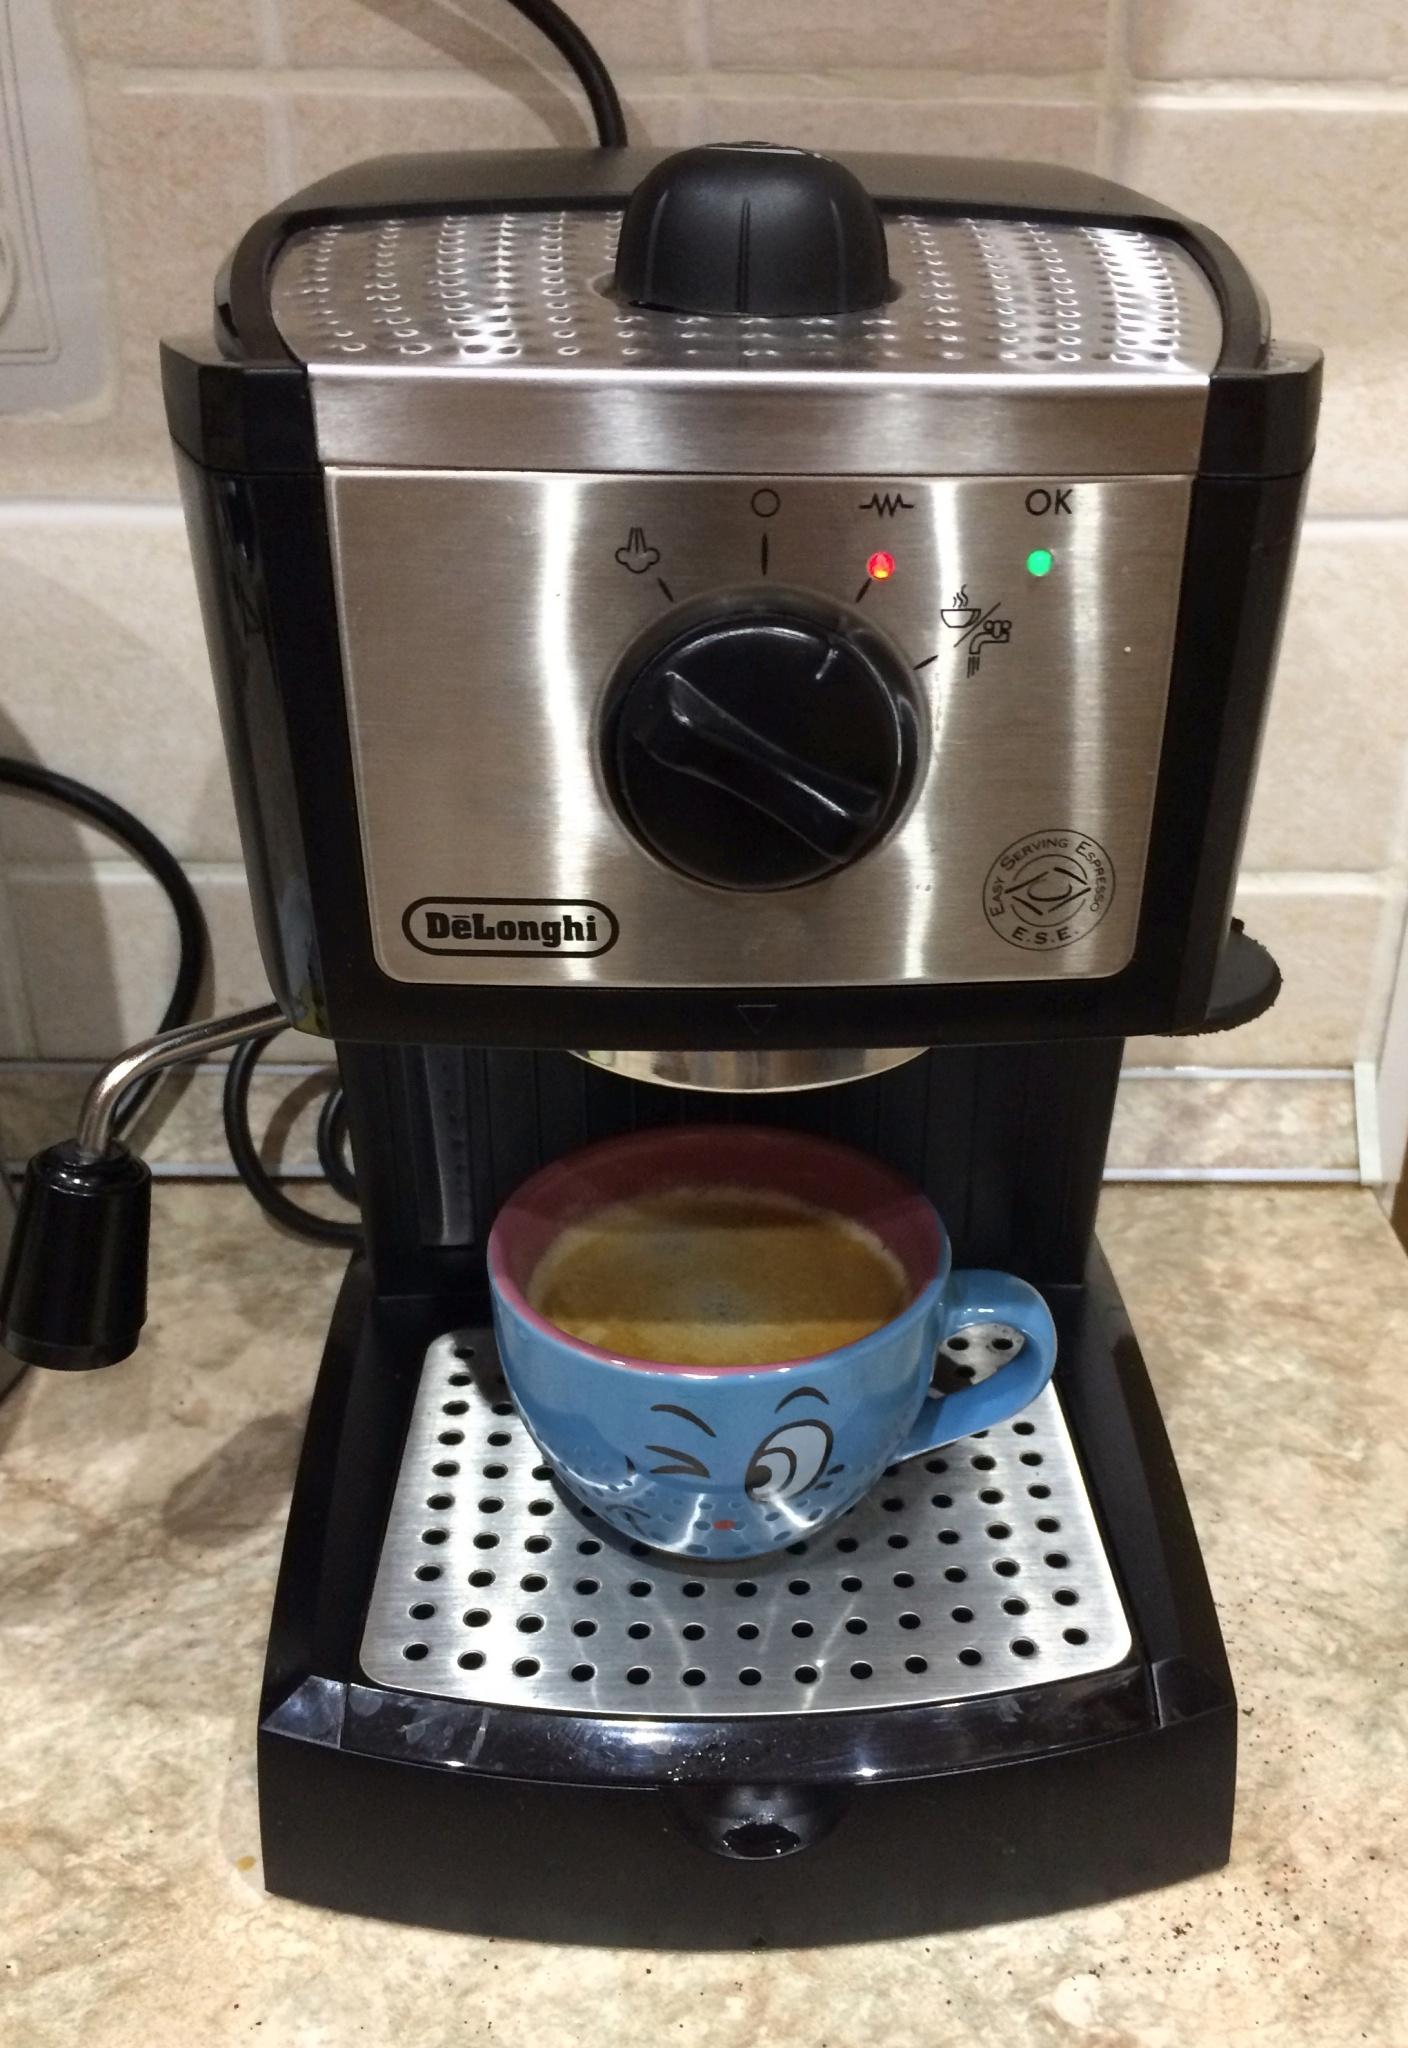 кофеварка делонги ес 250 инструкция